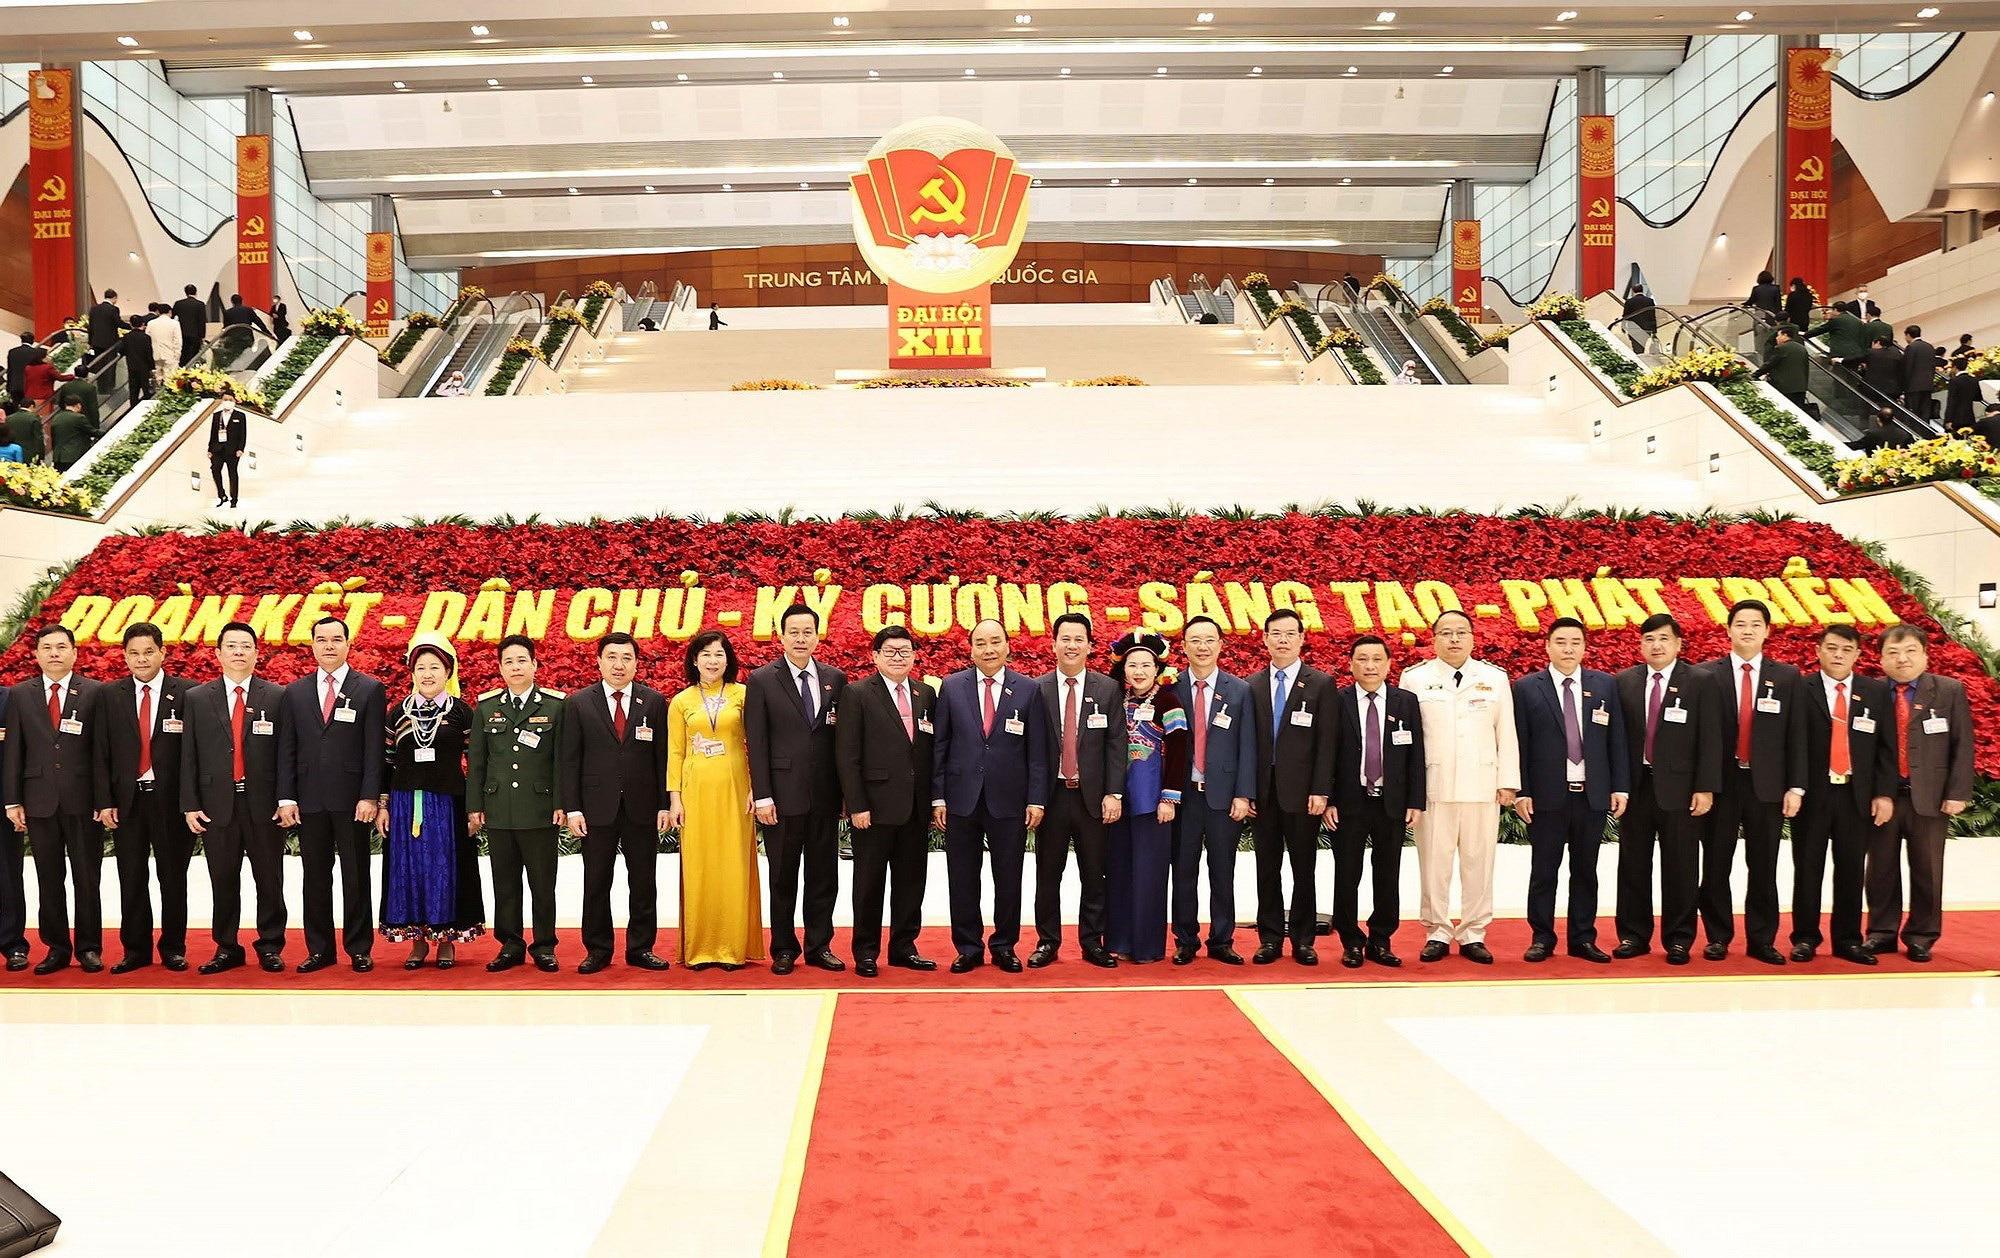 Ảnh: Ngày 29/1, Đại hội XIII tiếp tục làm việc về công tác nhân sự - Ảnh 7.